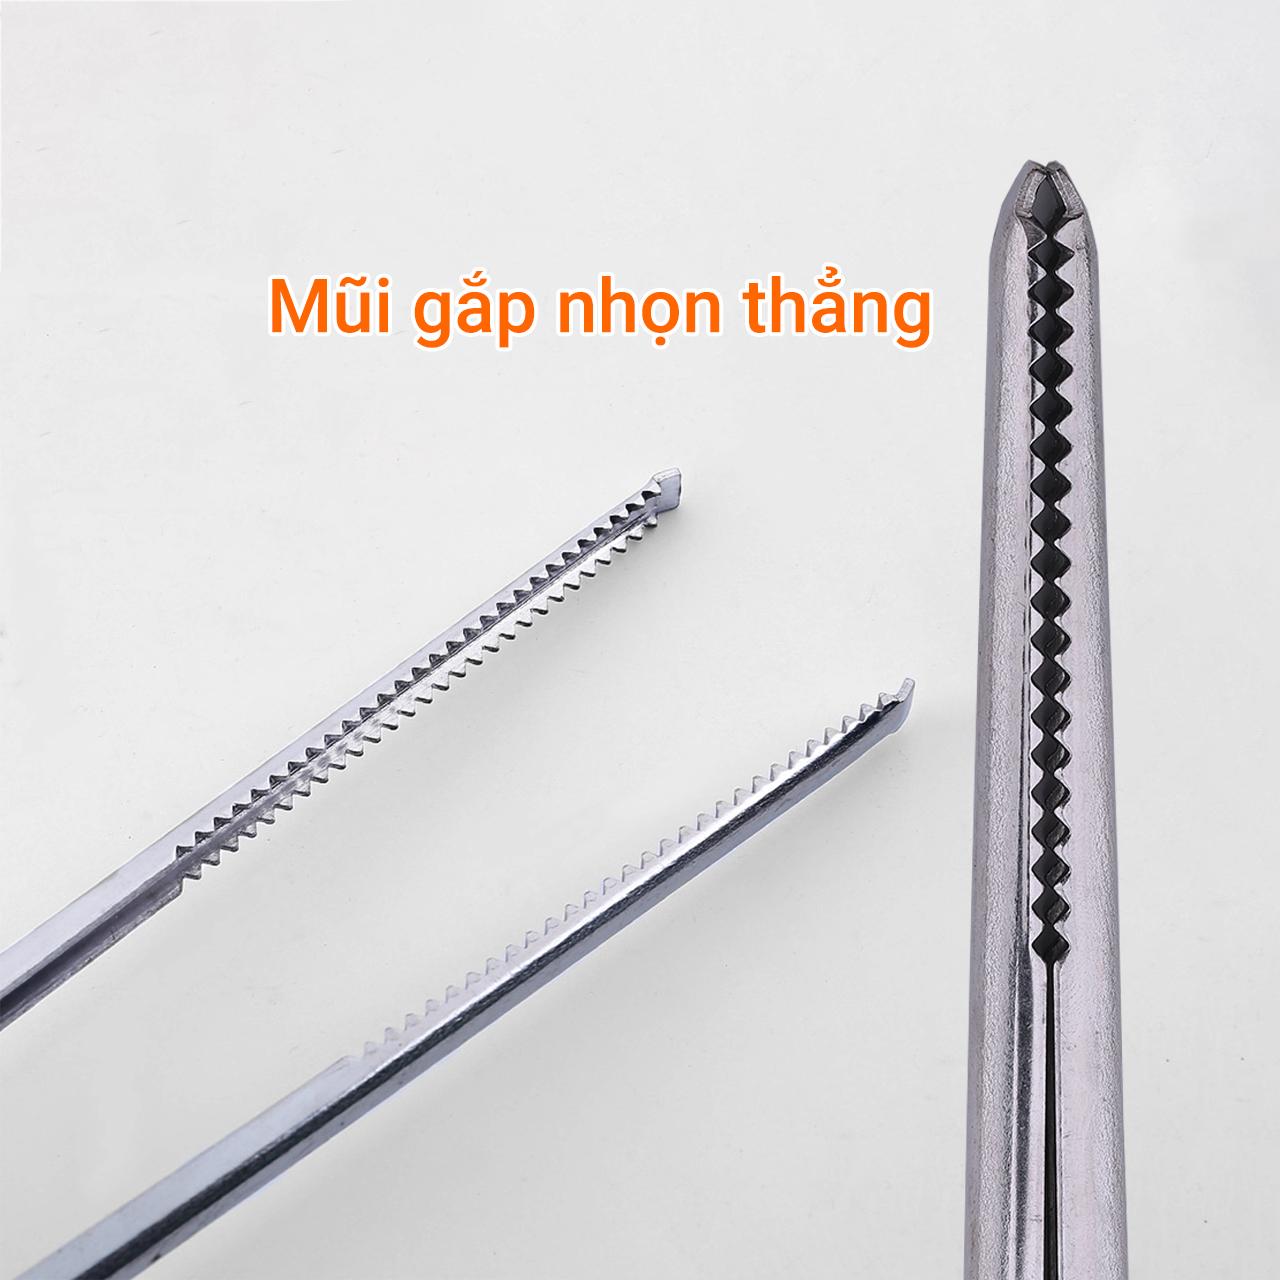 Kẹp gắp dài hình kéo mũi nhọn thẳng 52cm